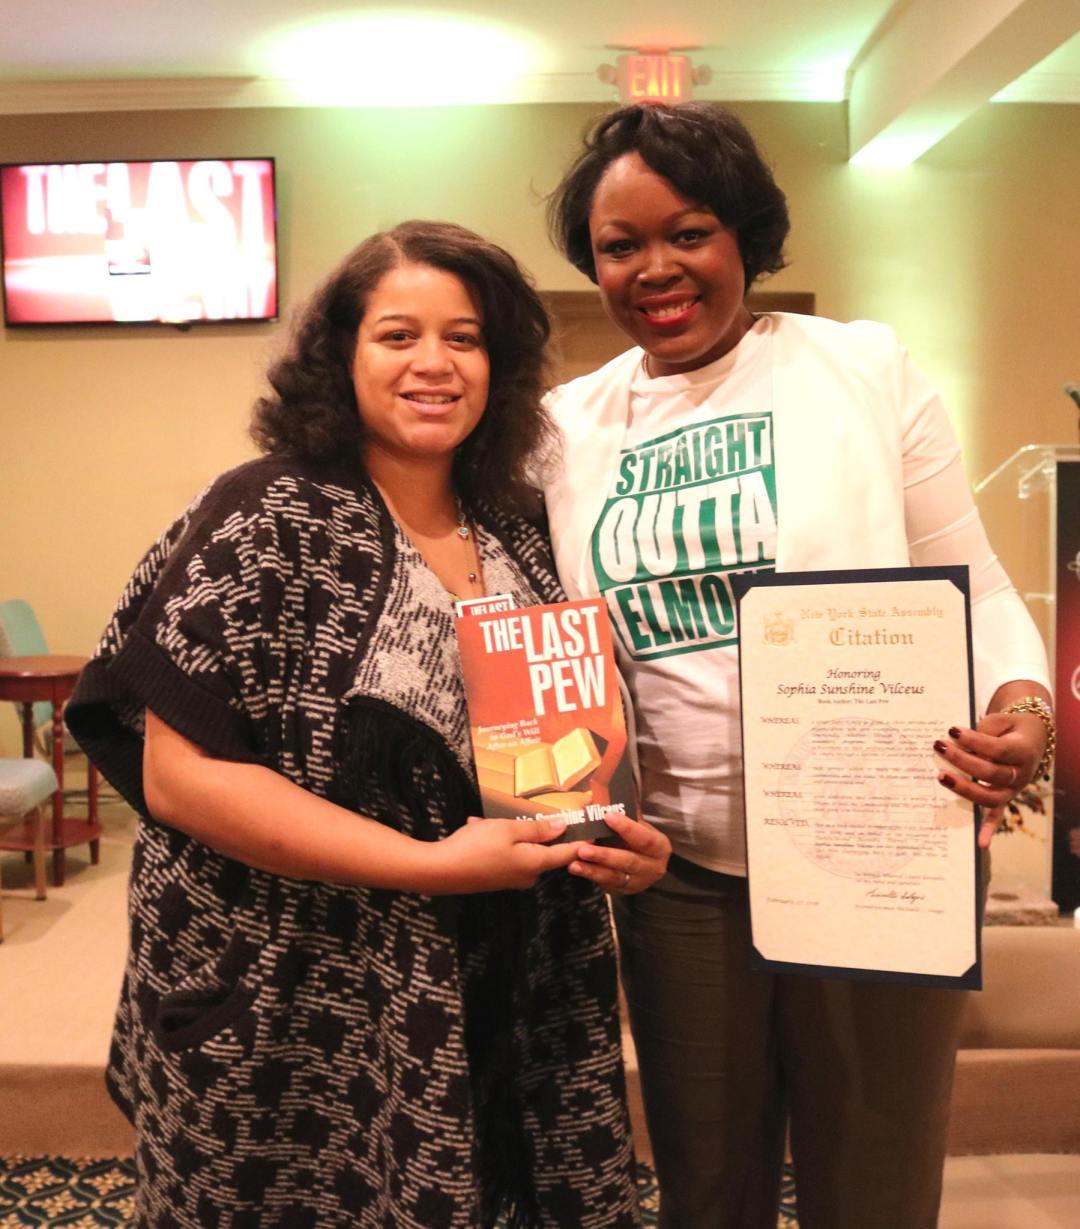 assemblywoman michaelle solages sophia sunshine vilceus author the last pew elmont excelsior